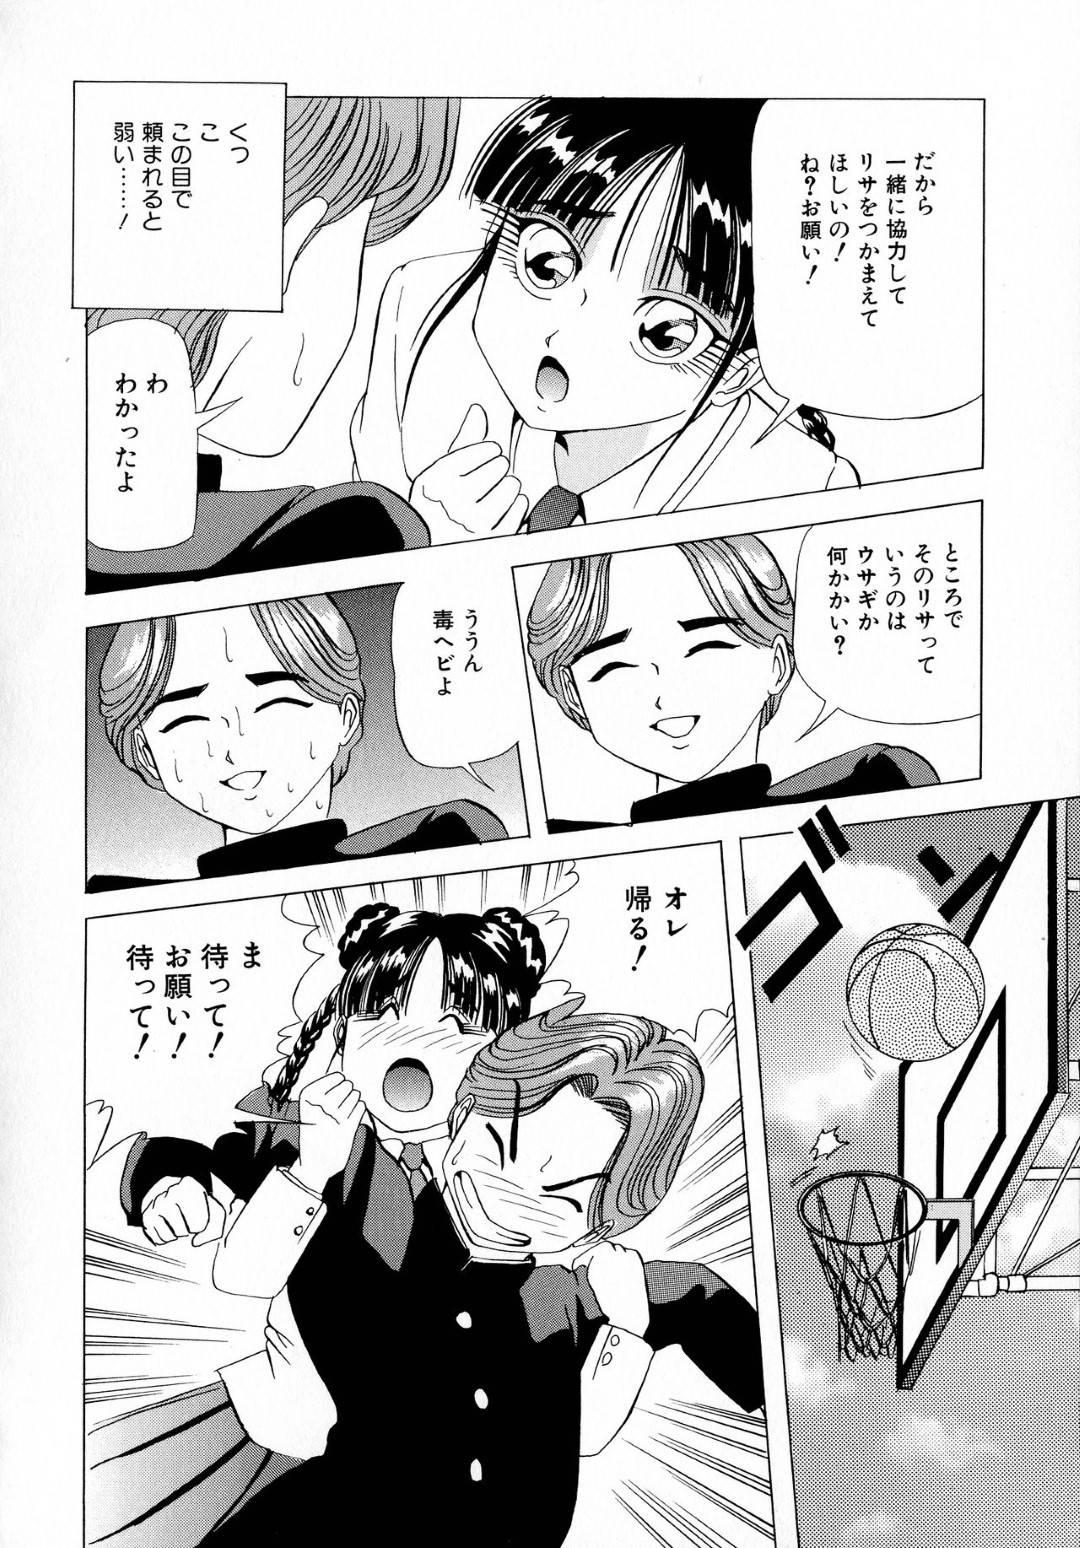 【エロ漫画】逃げたペットをおびき出すために幼馴染の前でオナニーを始めるJKはそのまま騎乗位生ハメ初エッチしてイッてしまう